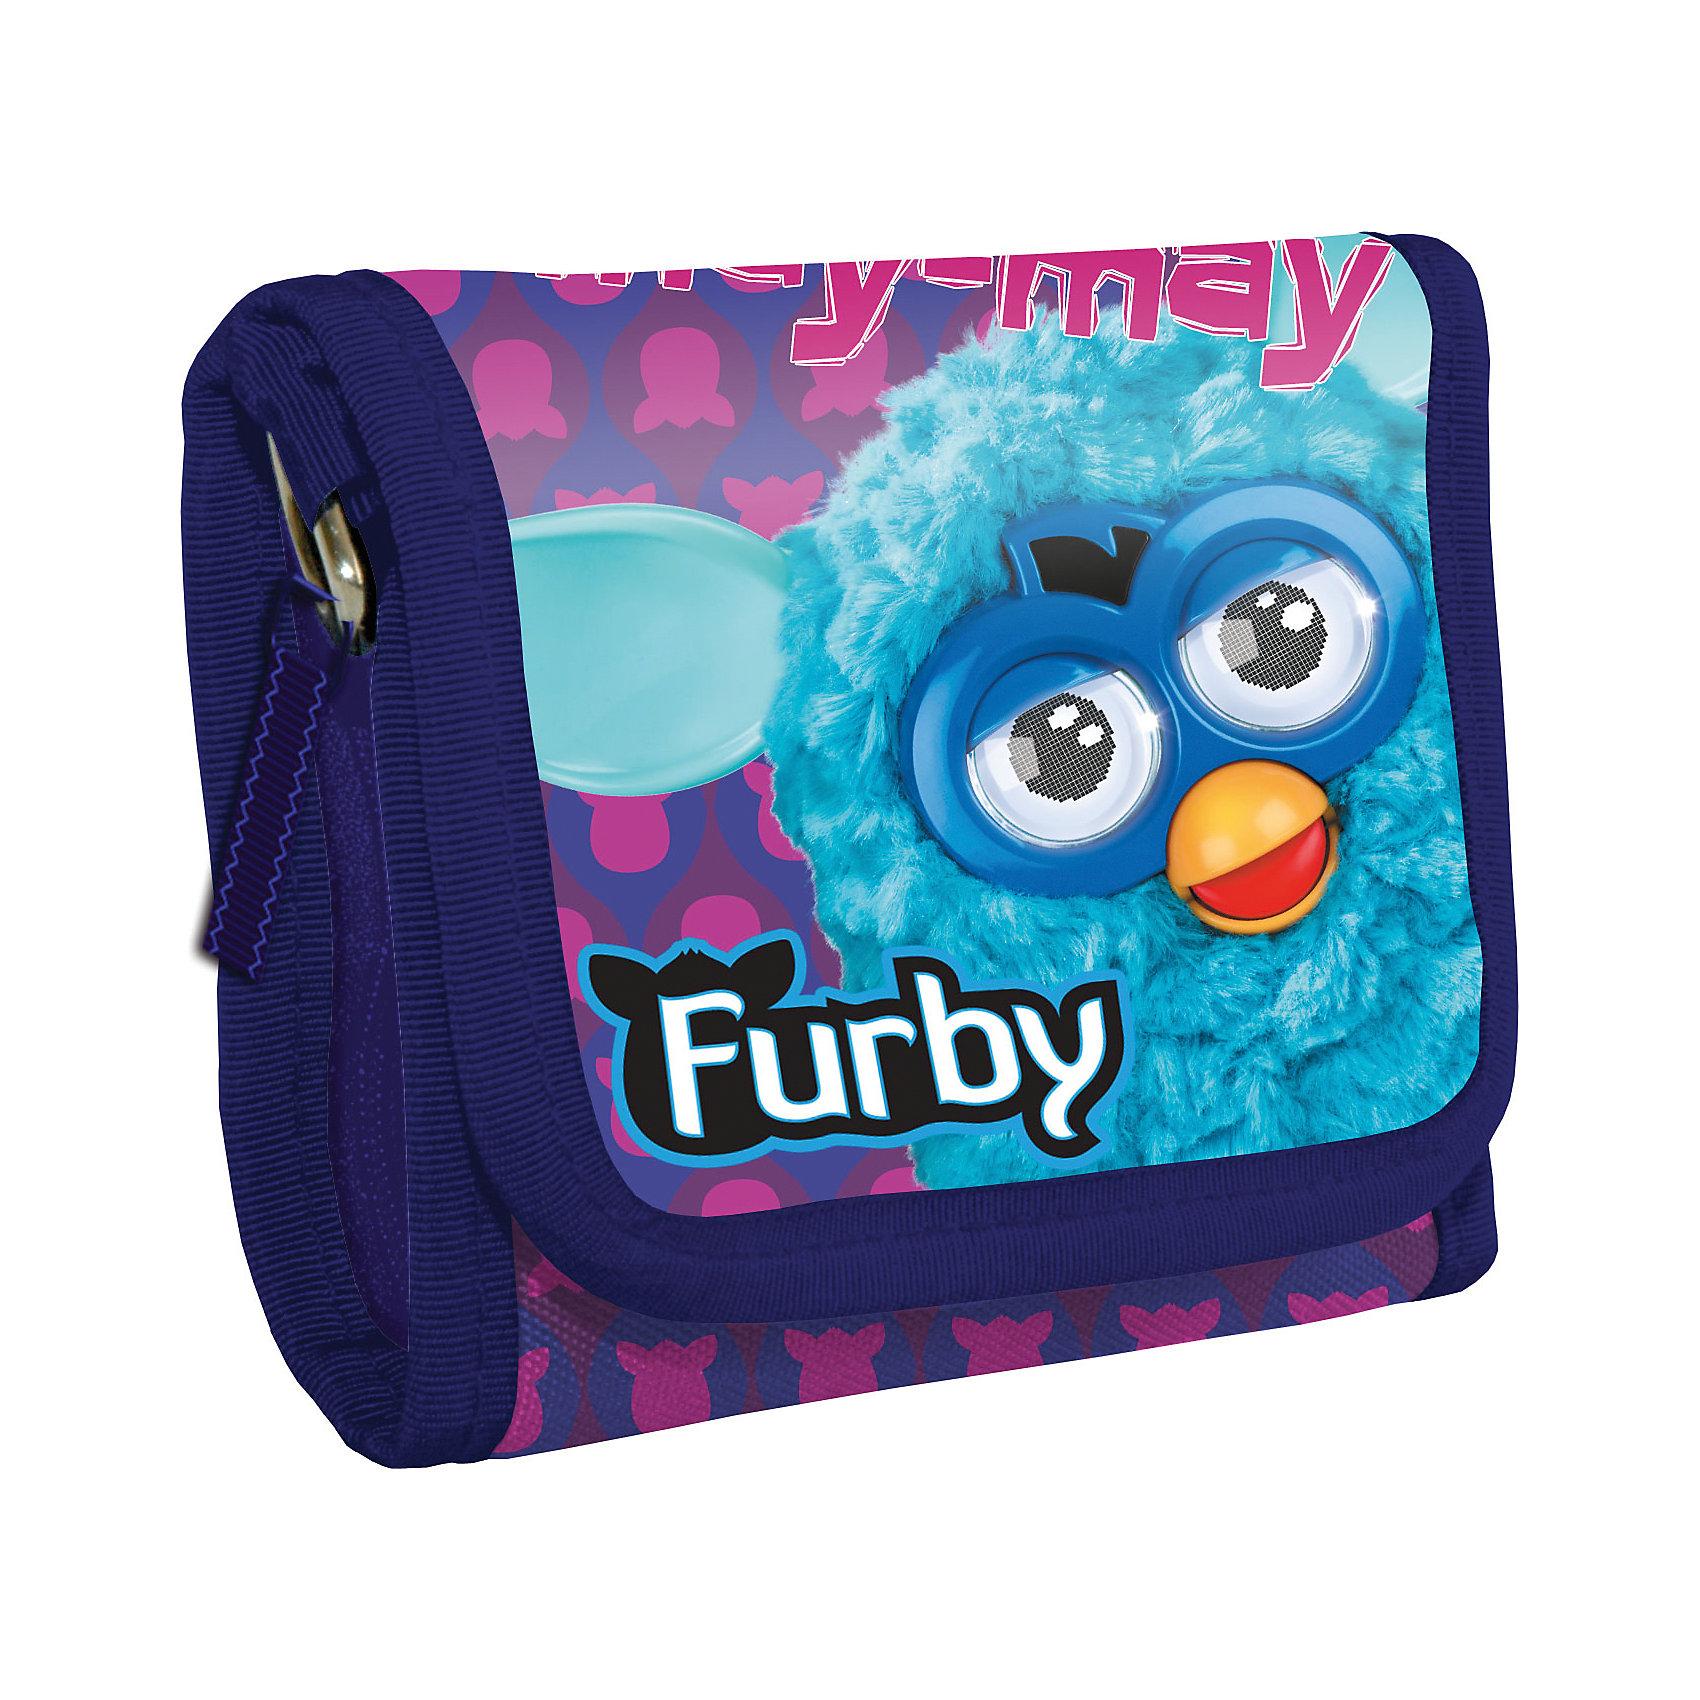 Кошелек, FurbyАксессуары<br>Кошелек, Furby (Фёрби).<br><br>Характеристики:<br><br>- Размеры:14х9х2см<br>- Материал: текстиль.<br><br>Кошелек, Furby (Фёрби) – стильный аксессуар для стильного ребенка. Кошелек изготовлен из прочного материала устойчивого к износу. Закрывается клапаном на липучке. Внутри кошелька кармшек, обработанный подкладочным материалом. Украшен кошелек изображением полюбившимся героем Фёрби. <br><br>Кошелек, Furby (Фёрби), можно купить в нашем интернет – магазине.<br><br>Ширина мм: 140<br>Глубина мм: 90<br>Высота мм: 20<br>Вес г: 60<br>Возраст от месяцев: 48<br>Возраст до месяцев: 96<br>Пол: Женский<br>Возраст: Детский<br>SKU: 5218426